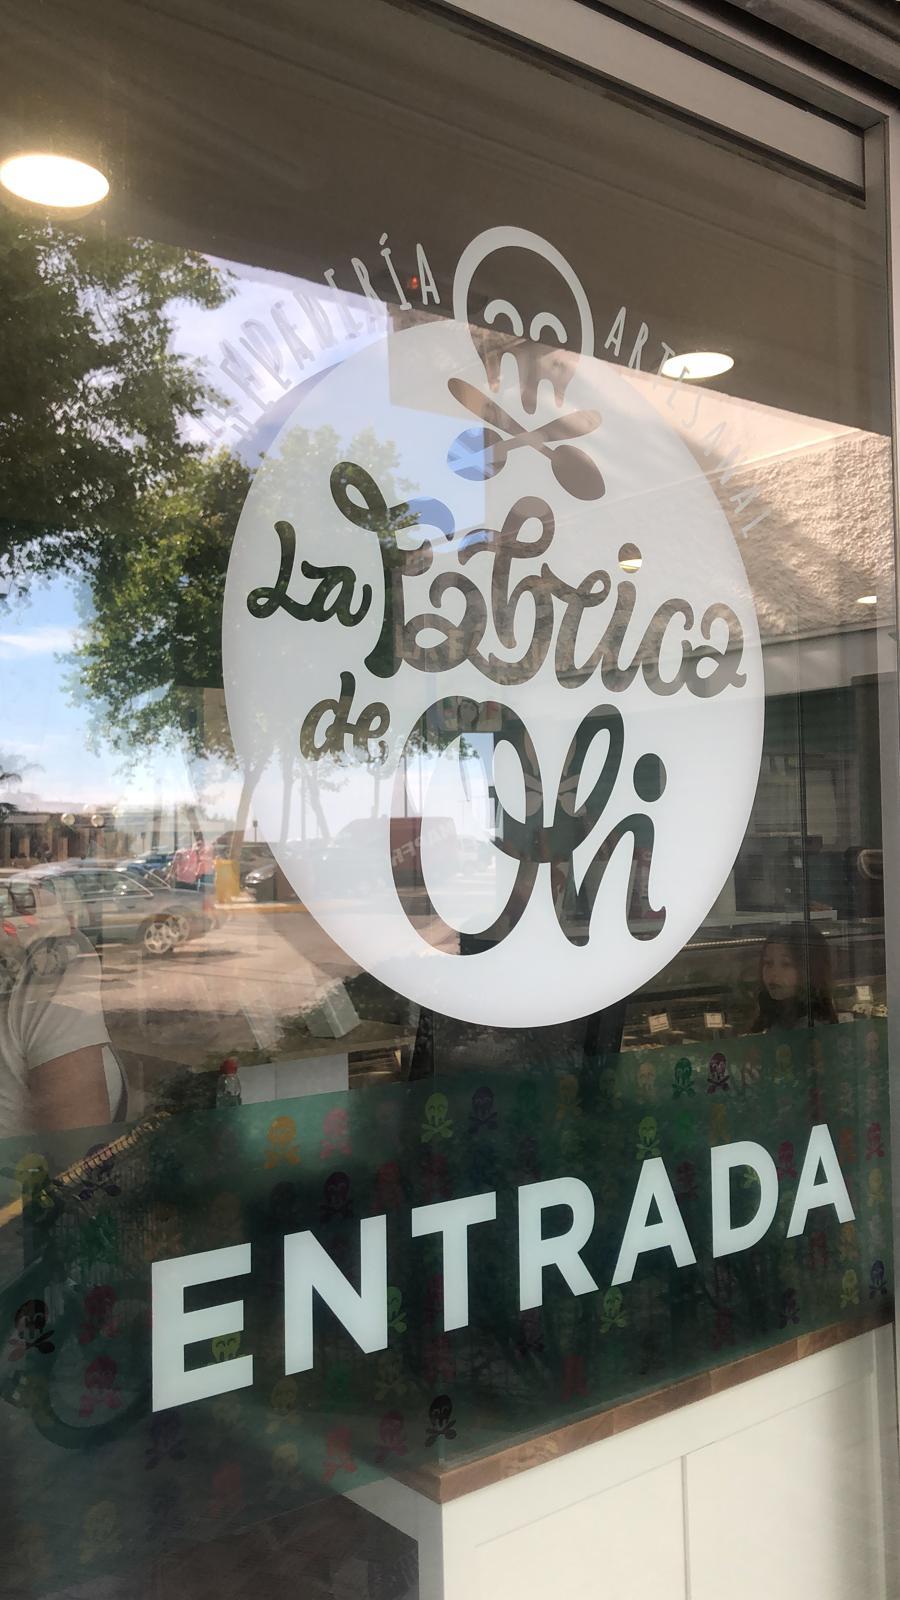 Vinilo con logotipo de La fábrica de Oli